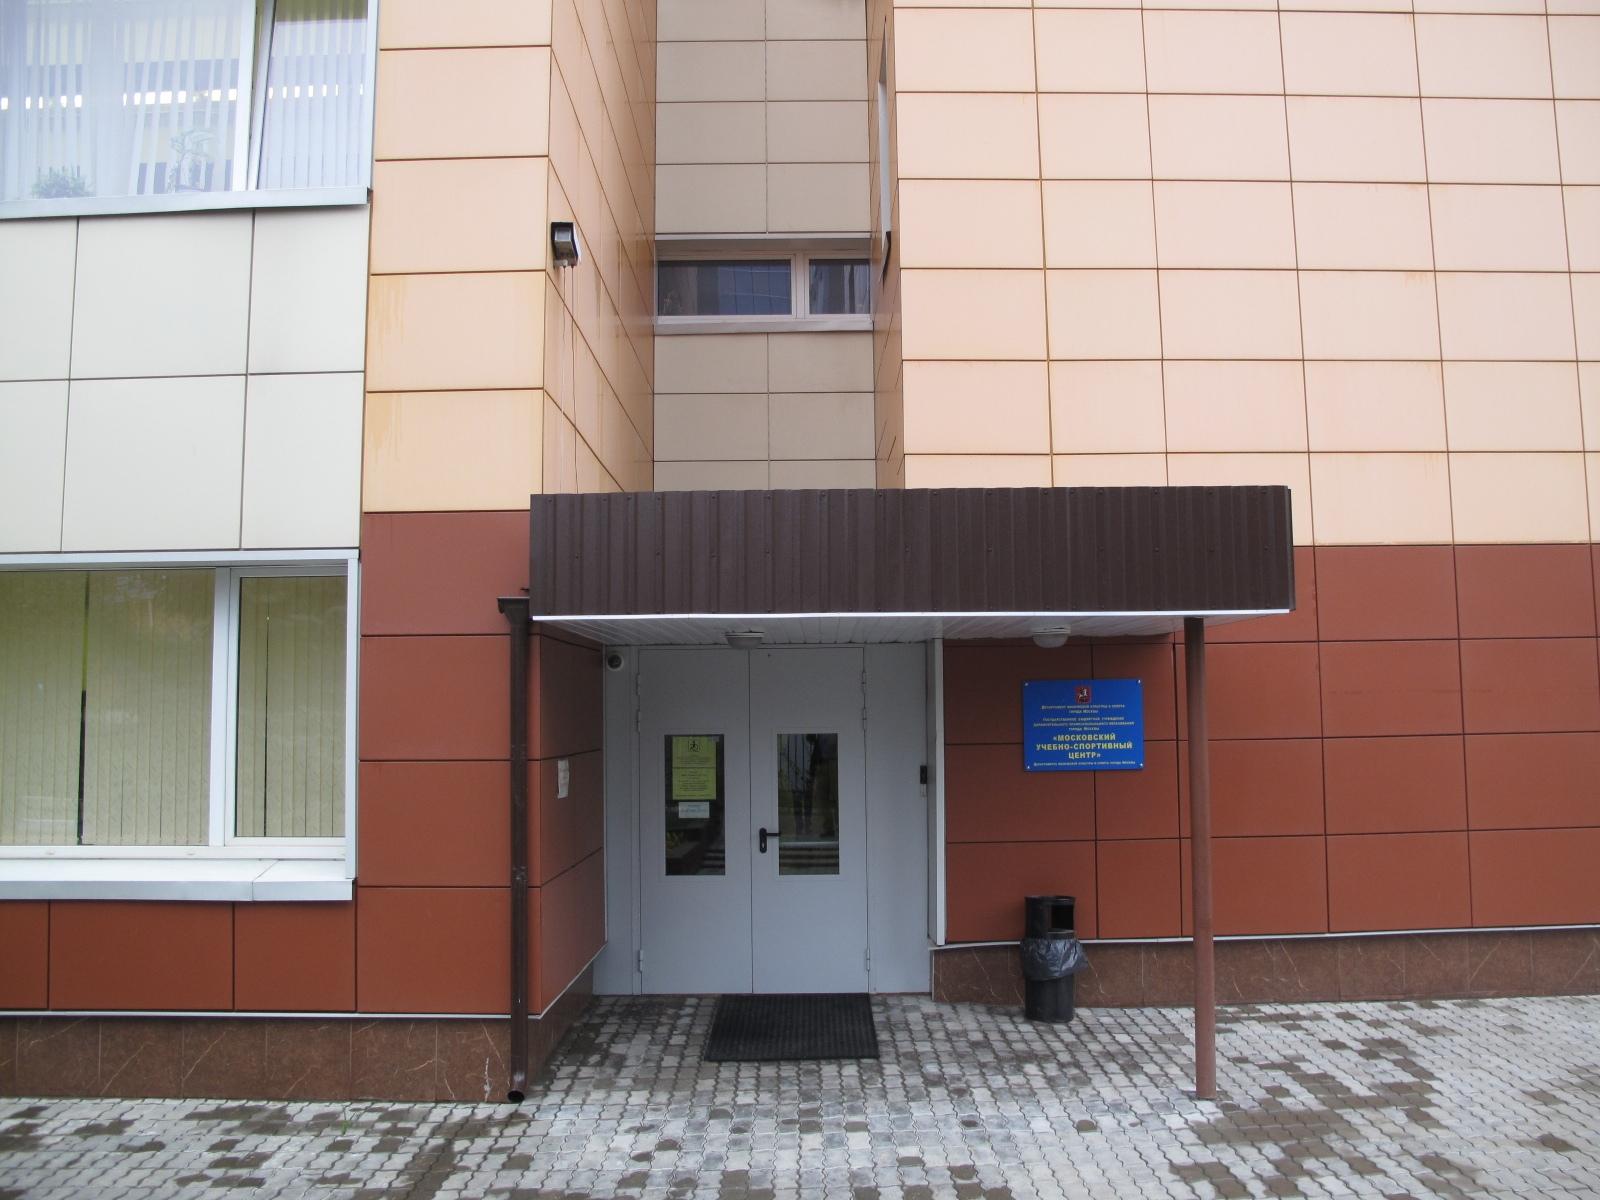 ГБУ ДПО «Московский учебно-спортивный центр» Москомспорта